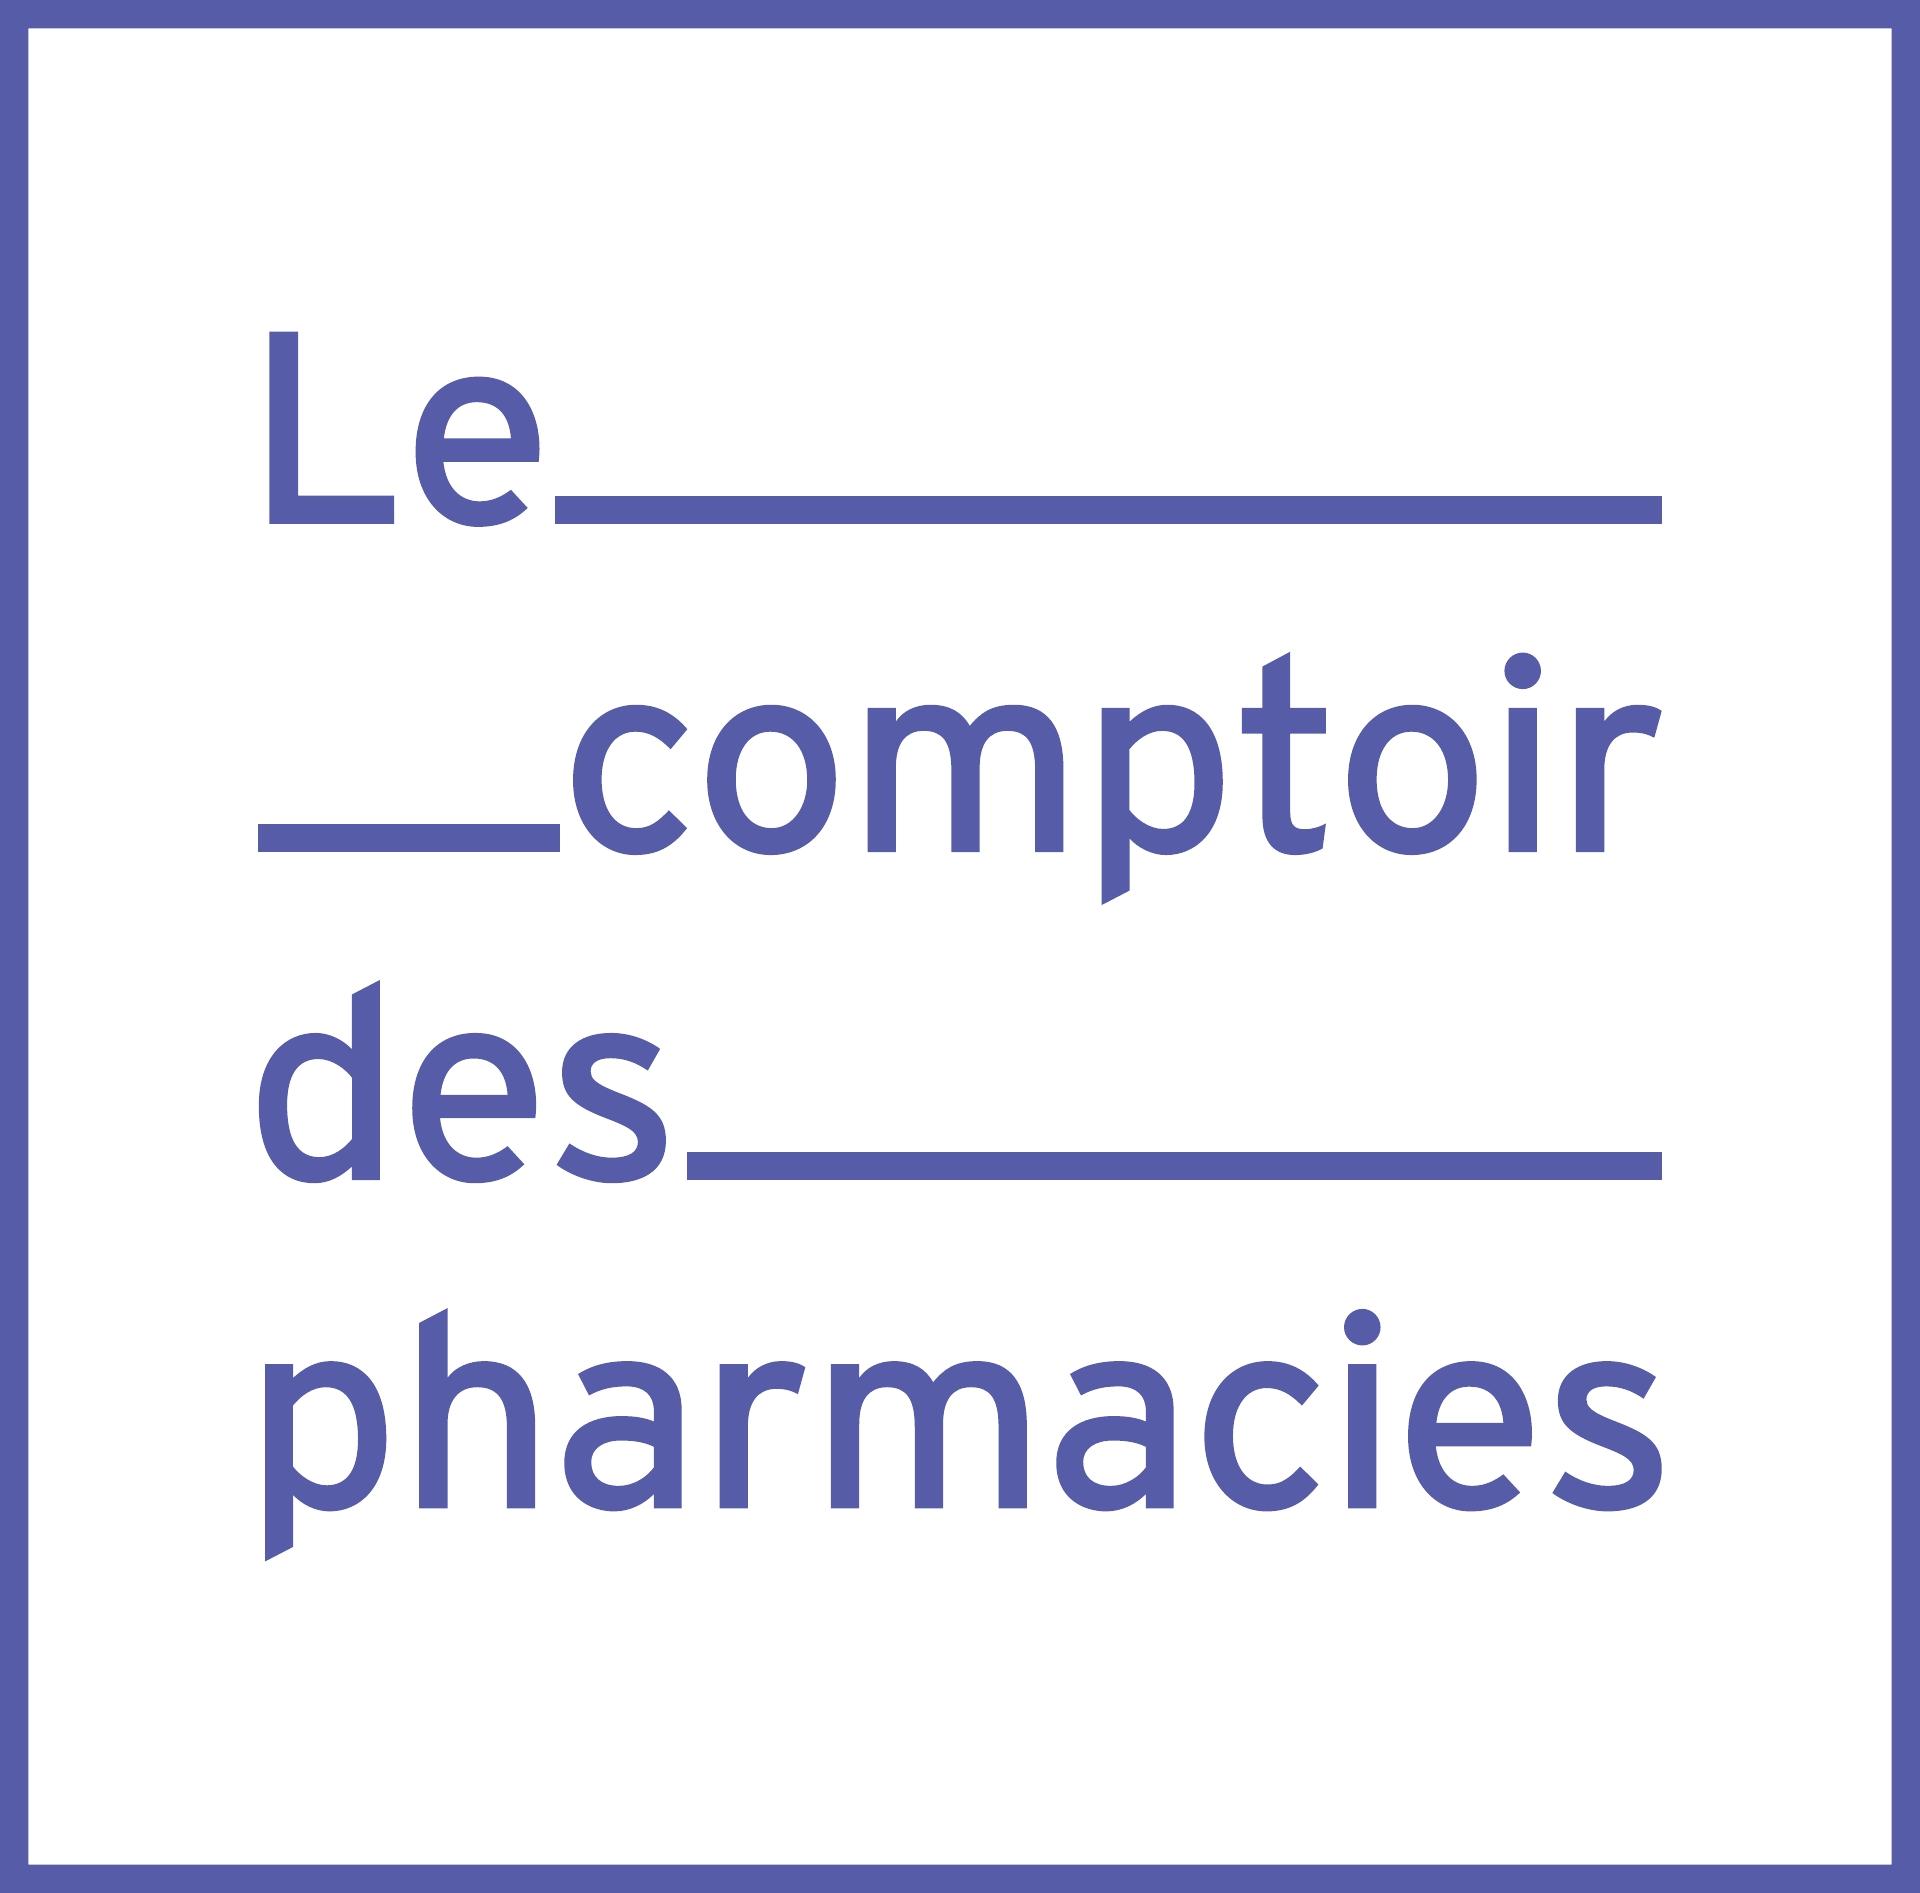 Le comptoir des pharmacies nos mentions l gales - Le comptoir des pharmacies ...